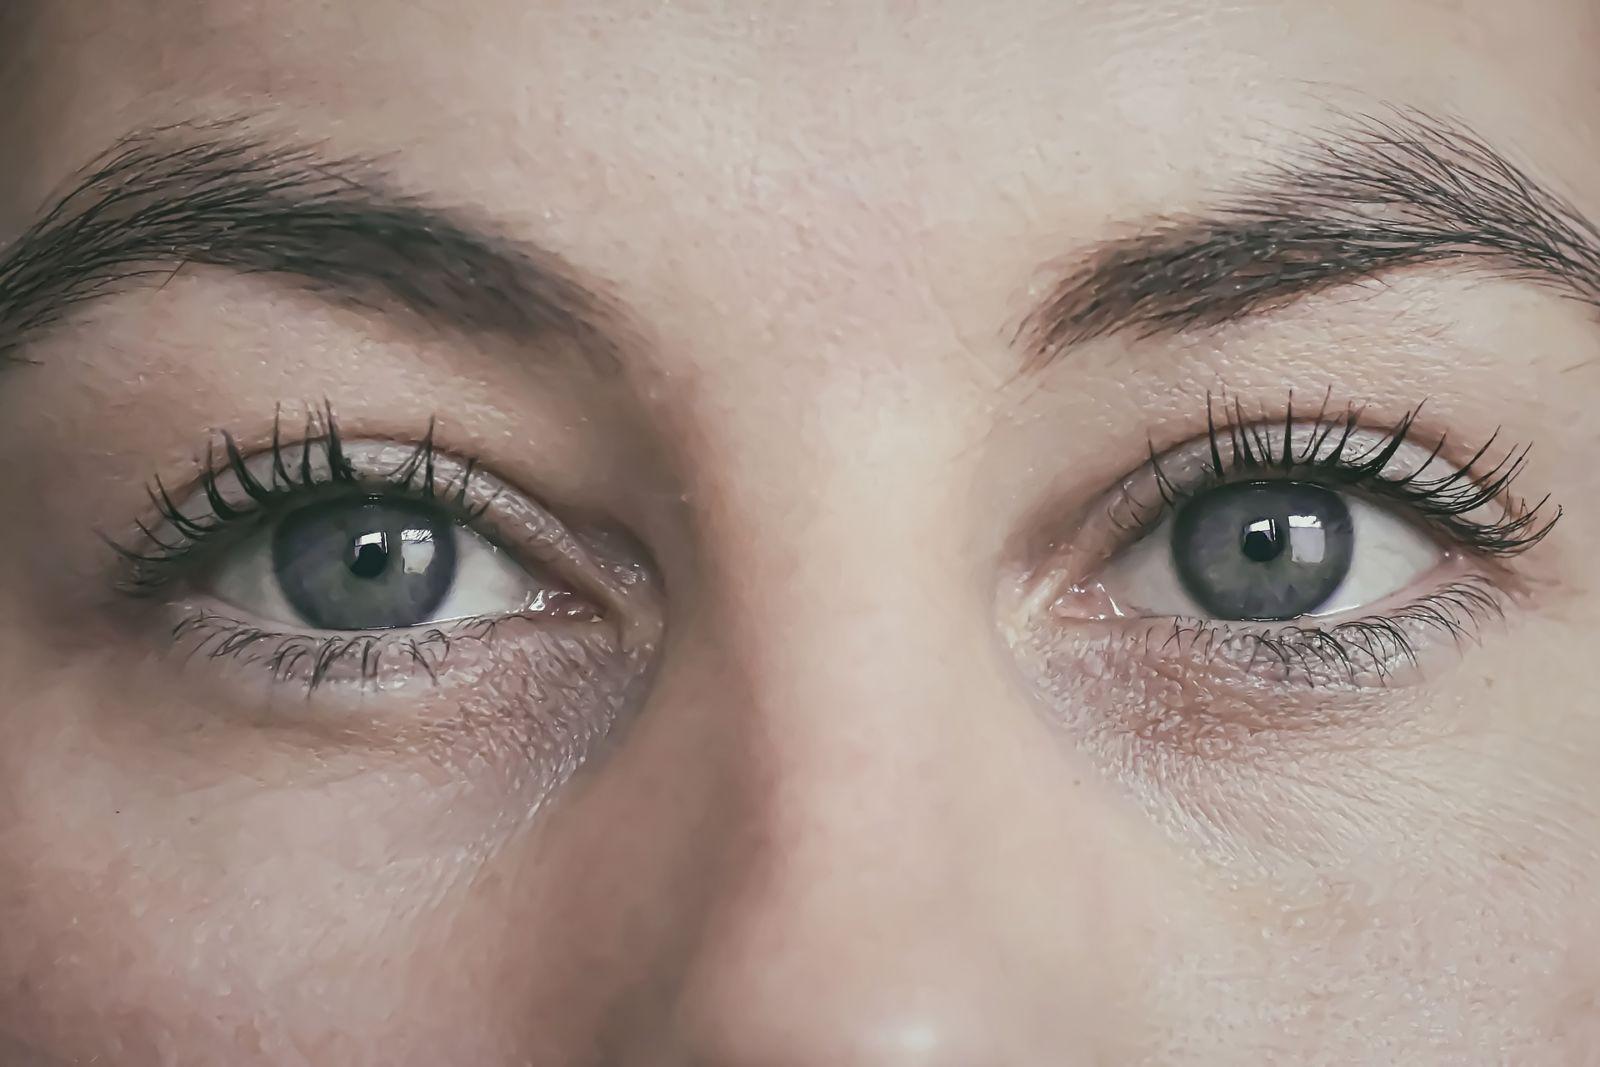 gezichtsanalyse foto's insturen